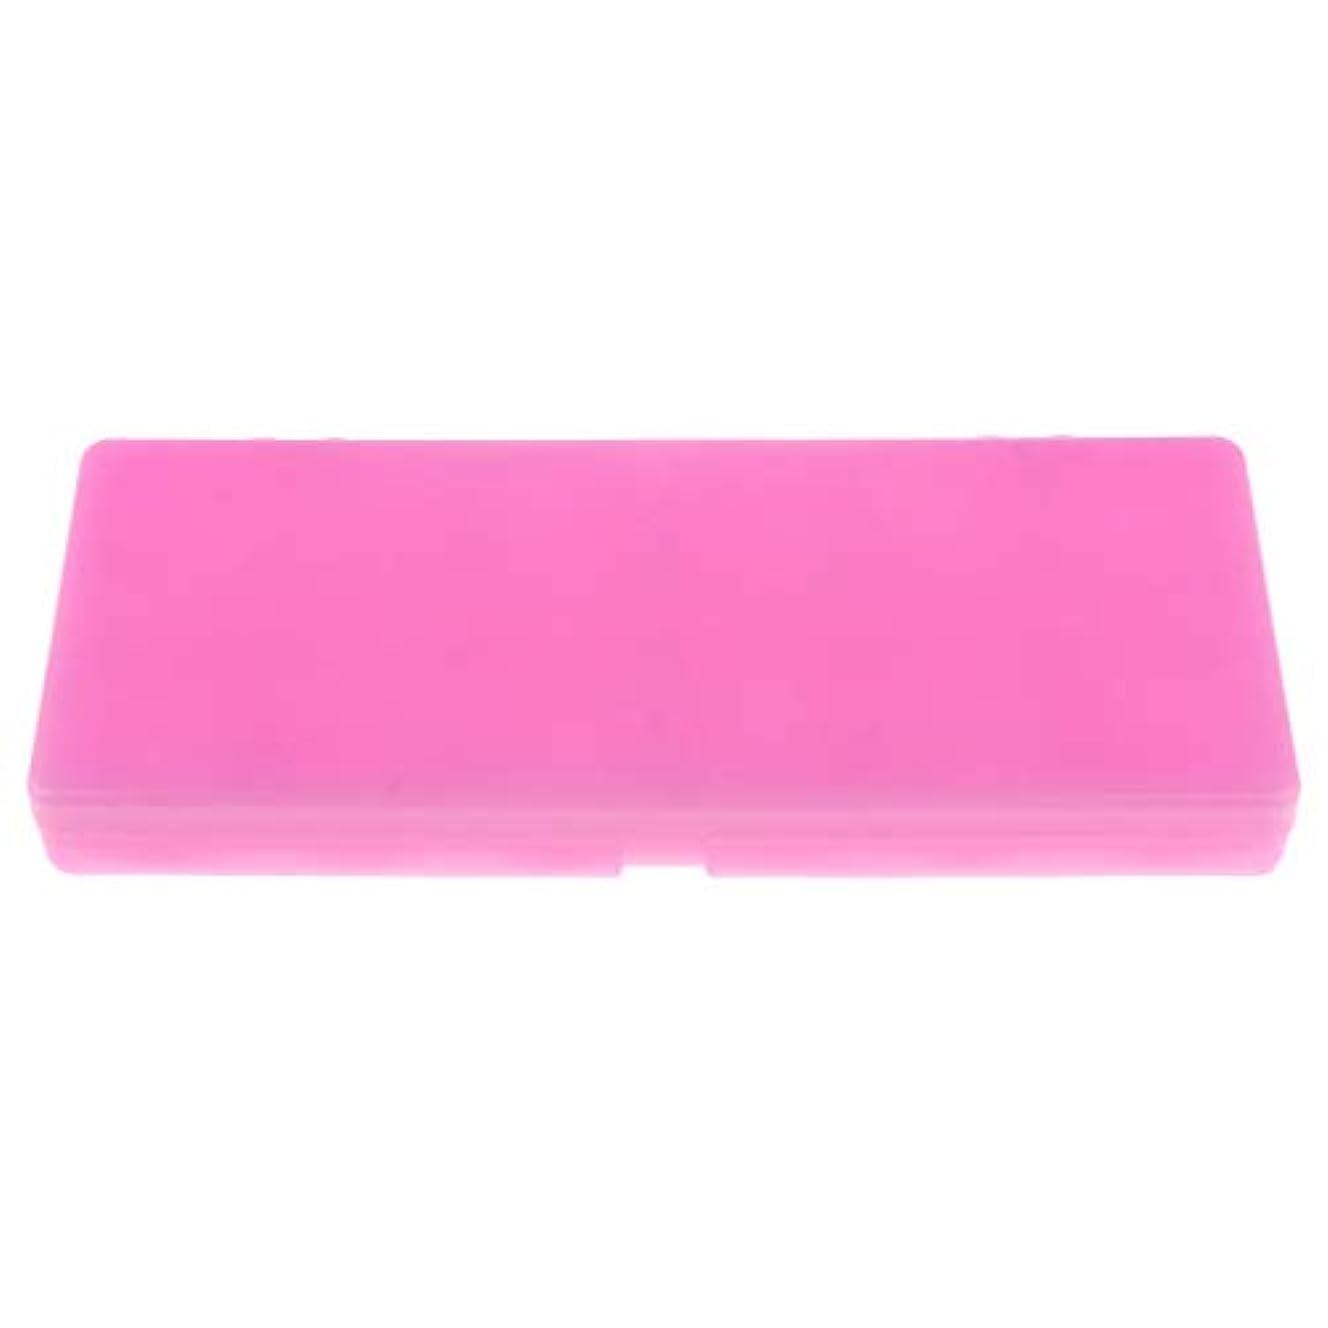 病気だと思うパノラマエレガントP Prettyia 水彩画/ガッシュ/アクリルオイルペイント用 ネイルアート 化粧品 混合パレット 3色 - ピンク